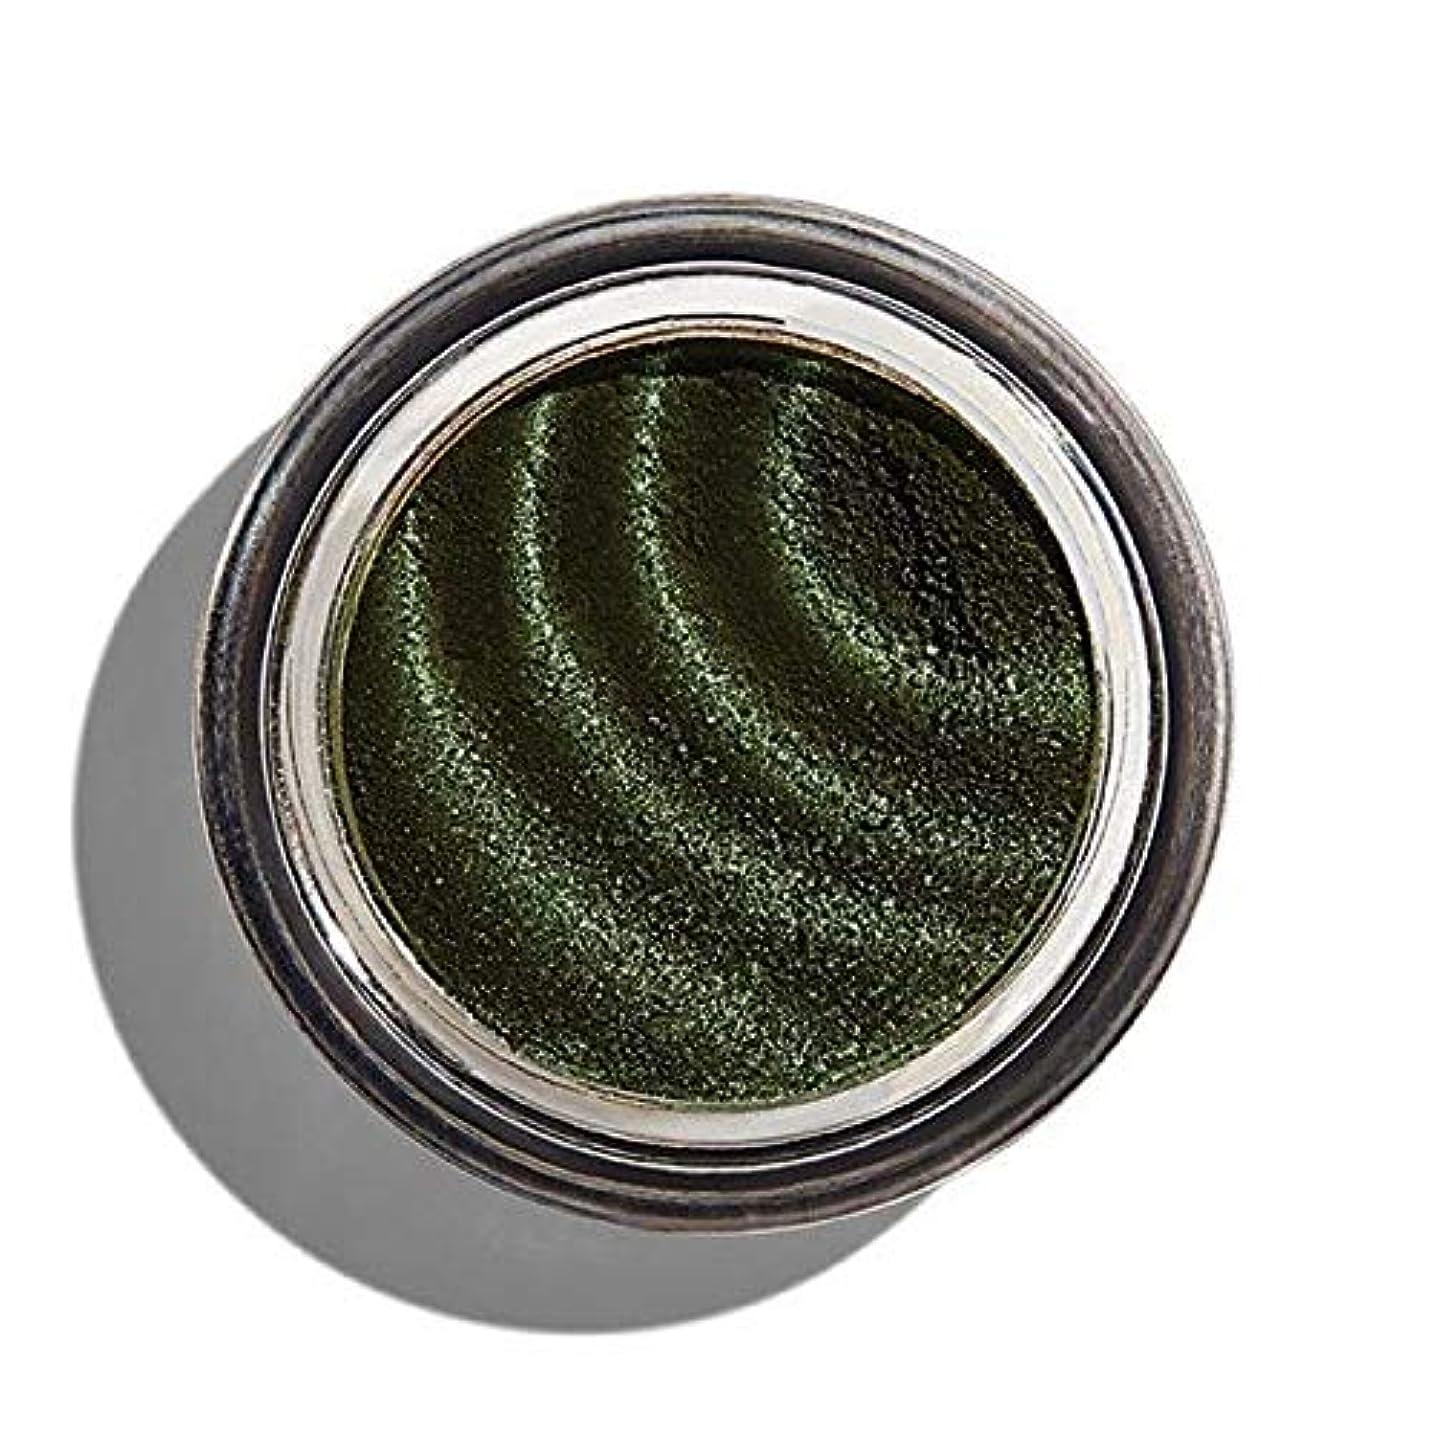 毛布鉄道駅ガチョウ[Revolution ] 化粧回転磁化のアイシャドウグリーン - Makeup Revolution Magnetize Eyeshadow Green [並行輸入品]